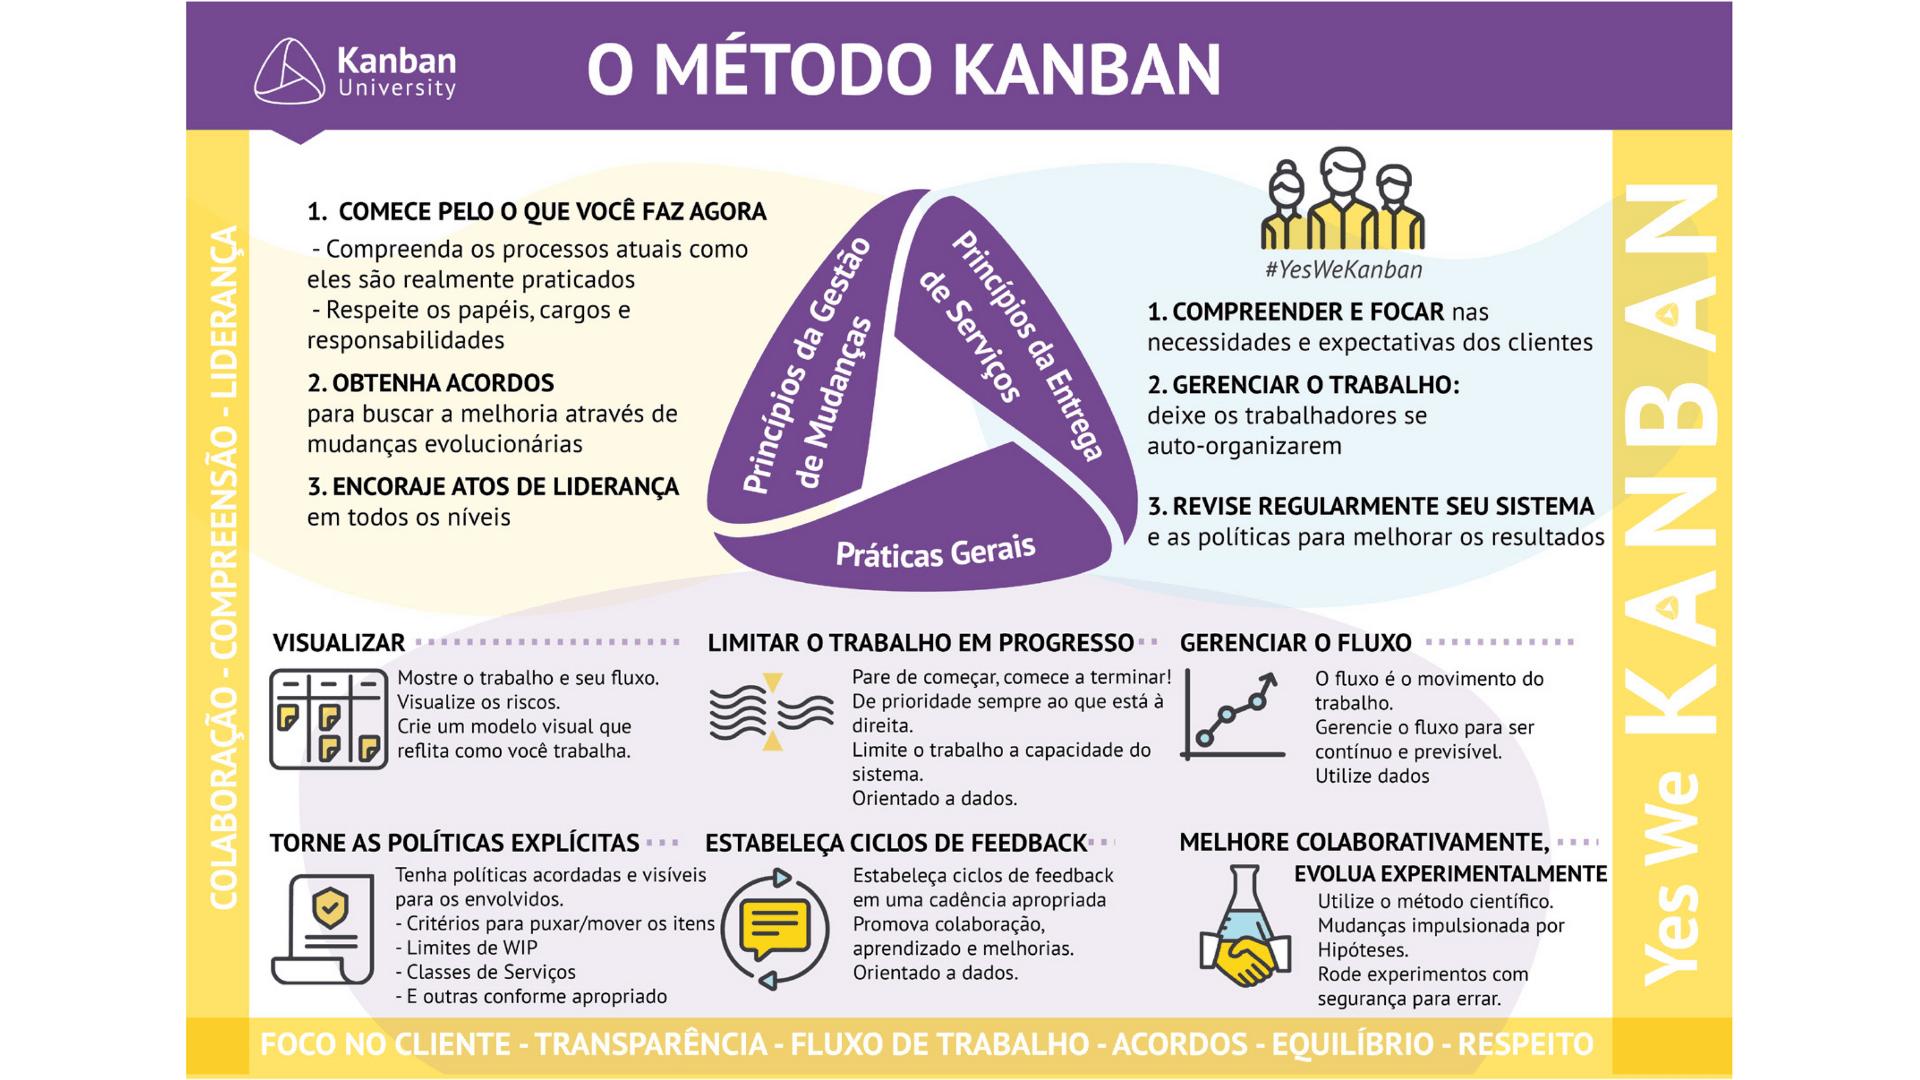 O que é Kanban?